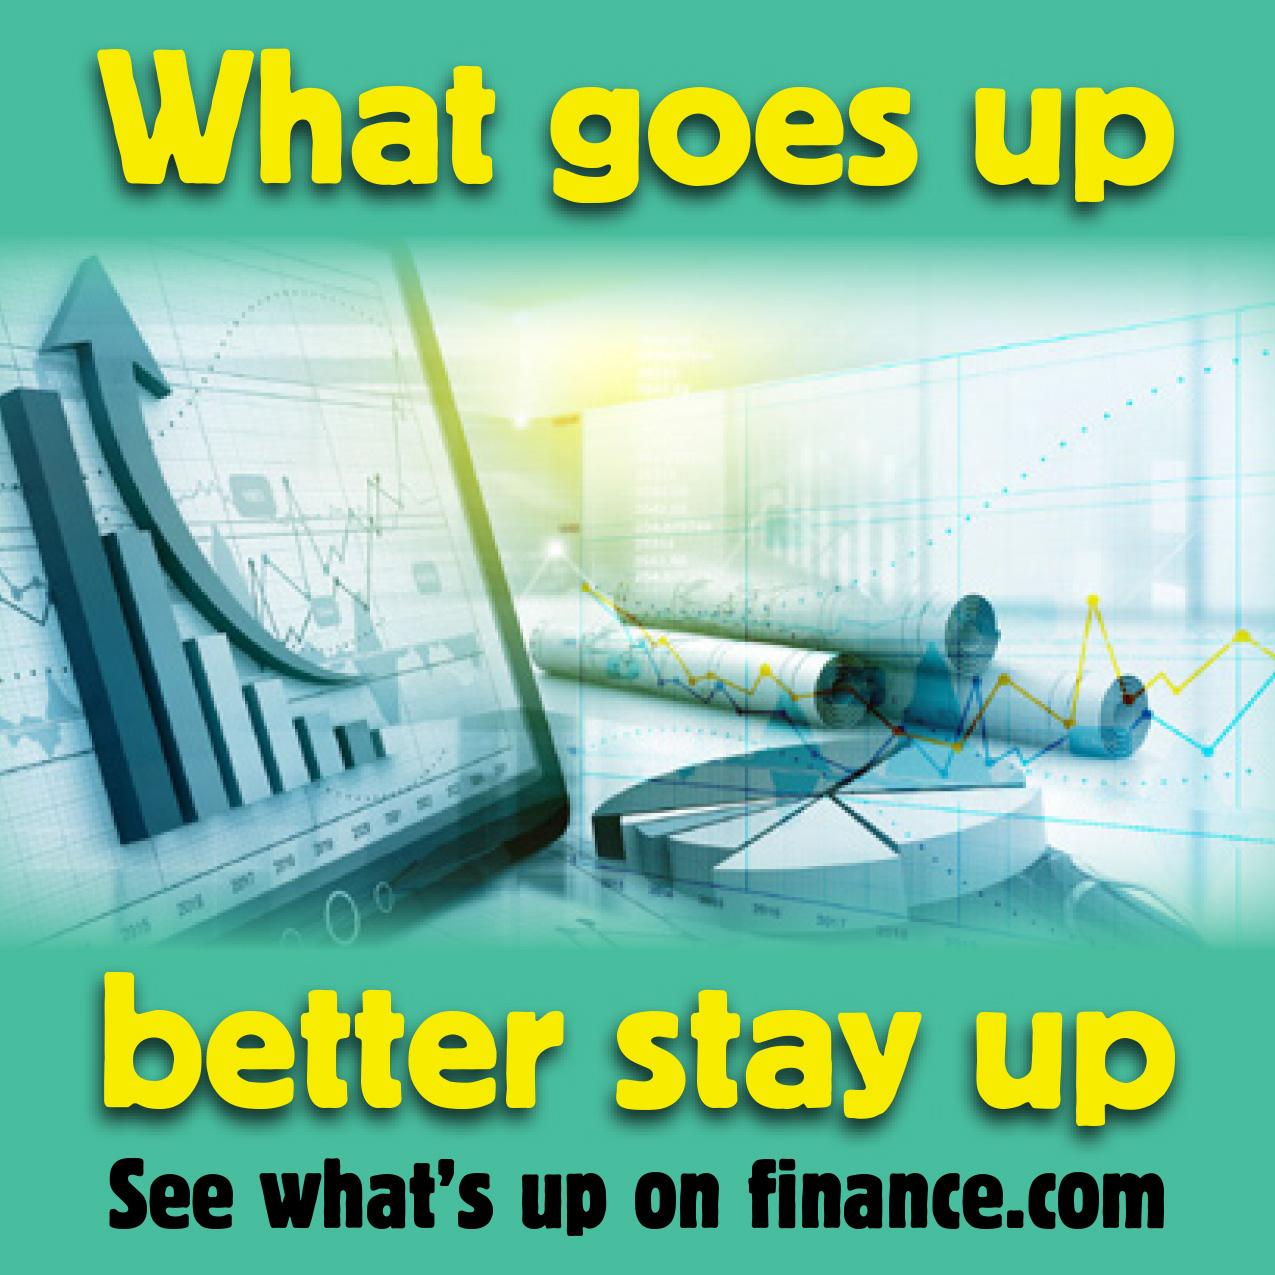 Meme for Finance